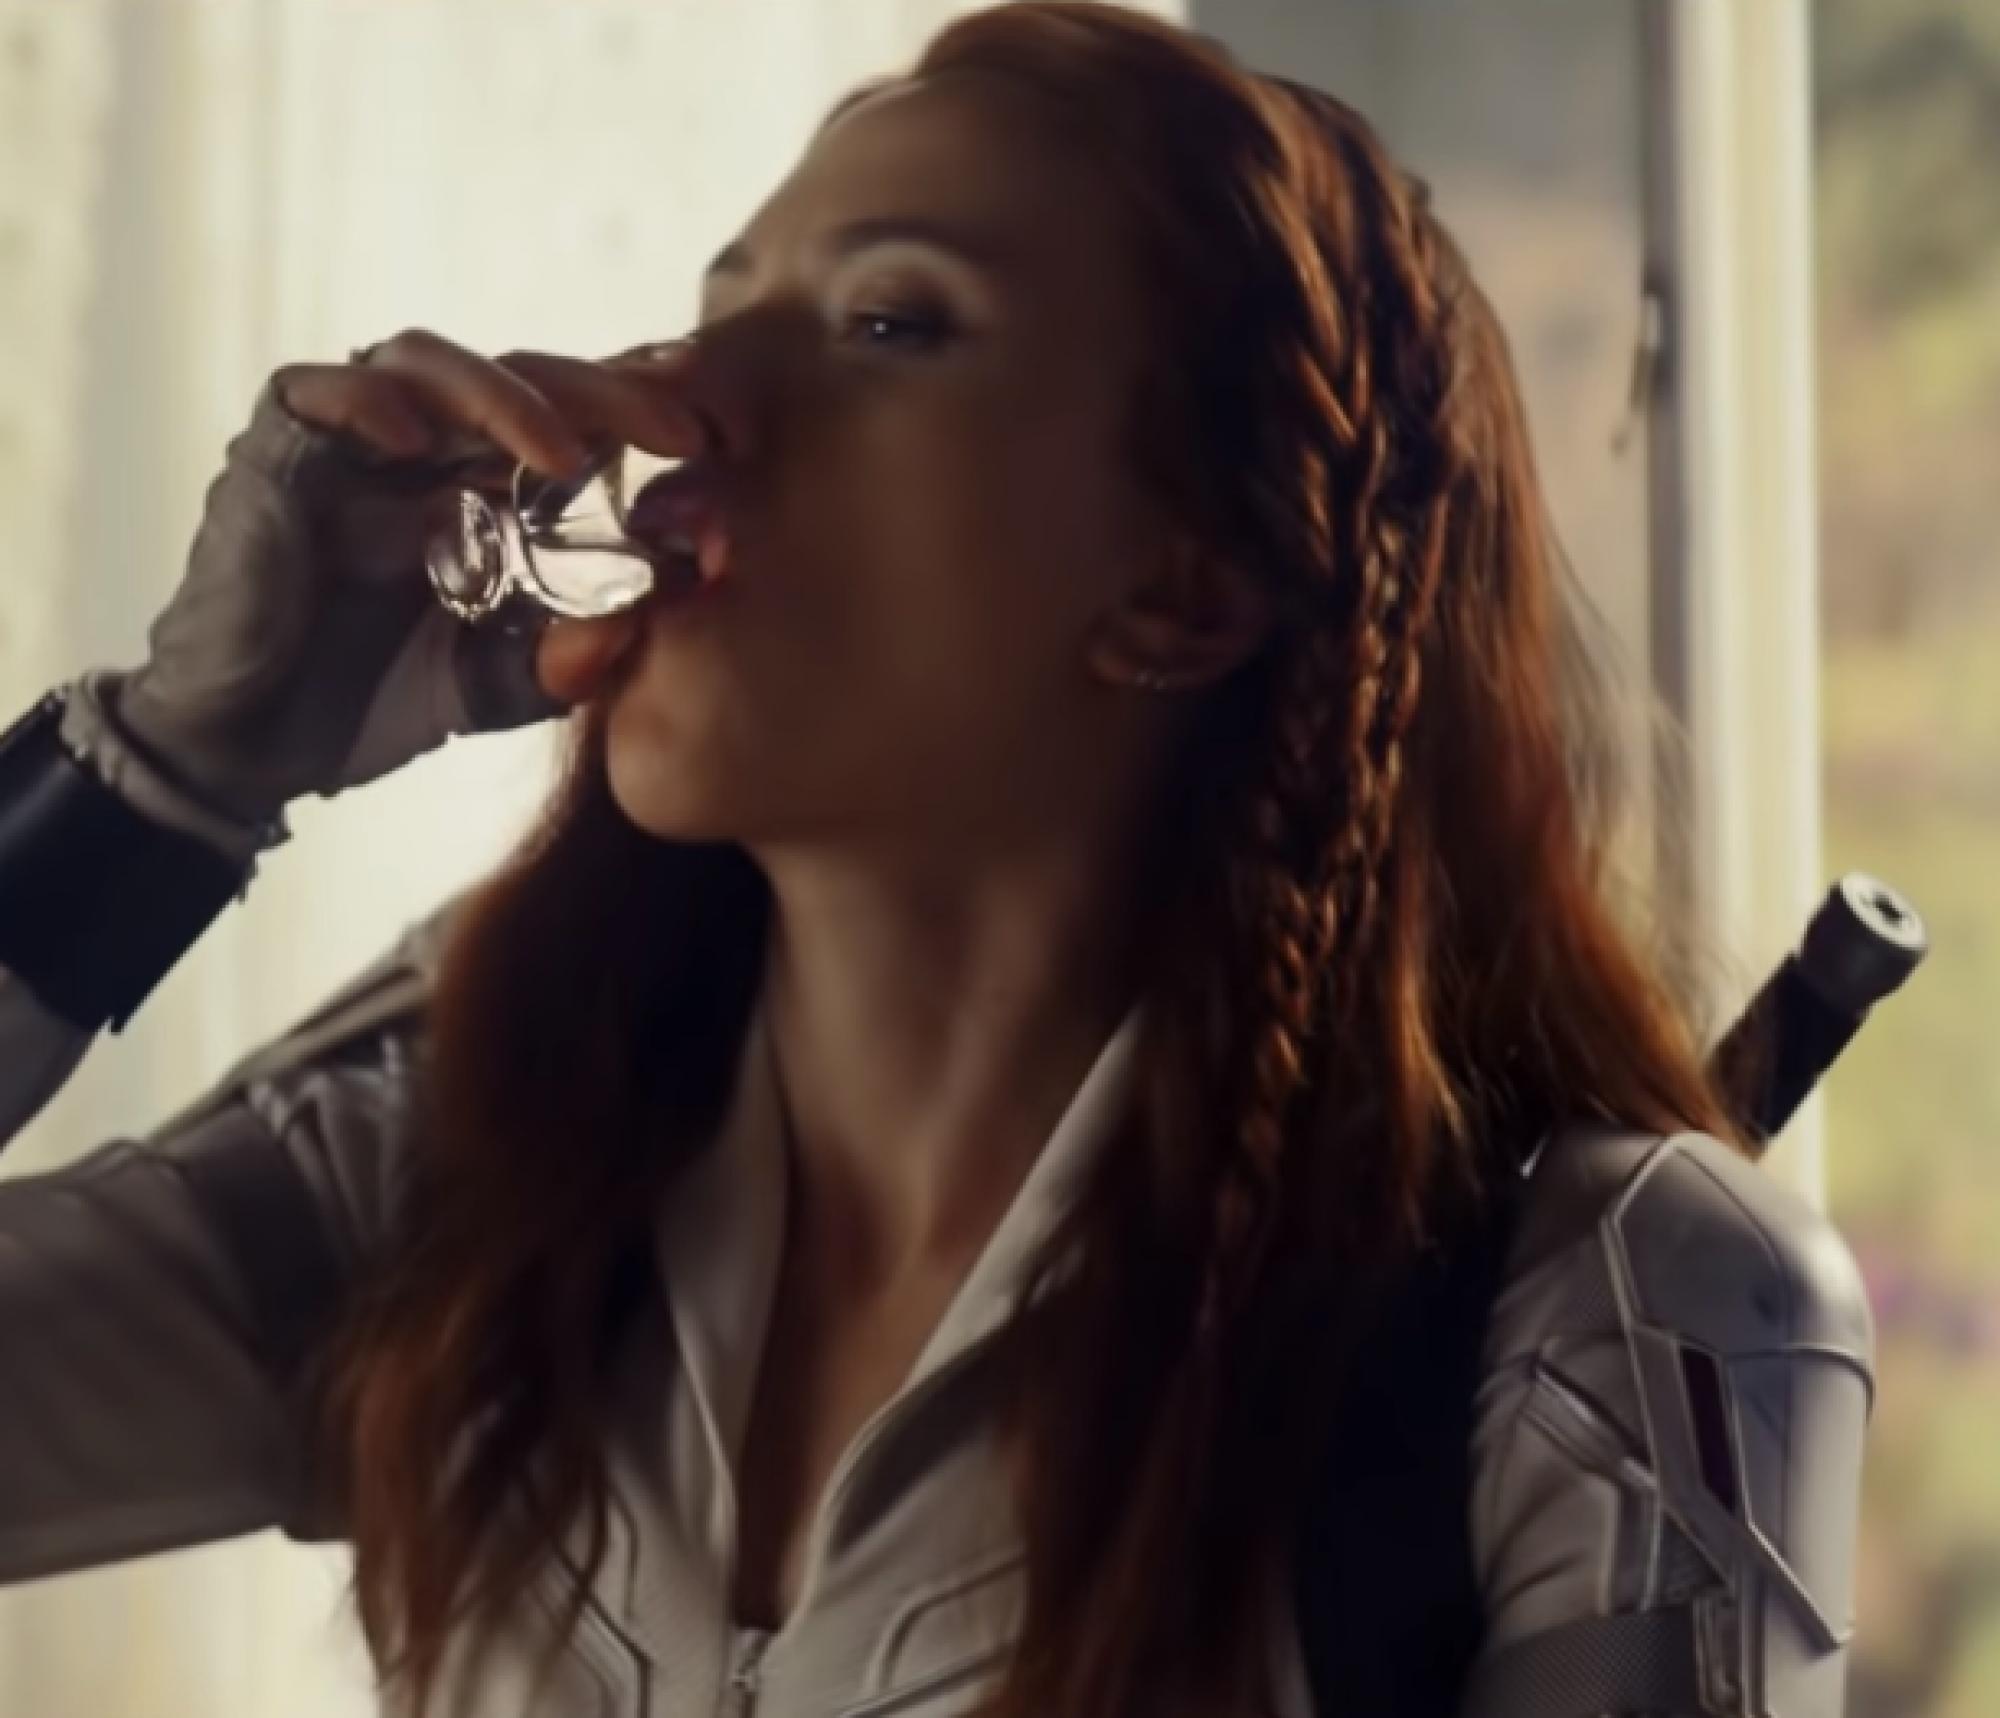 Российские пользователи заметили водку в финальном трейлере «Чёрной вдовы»